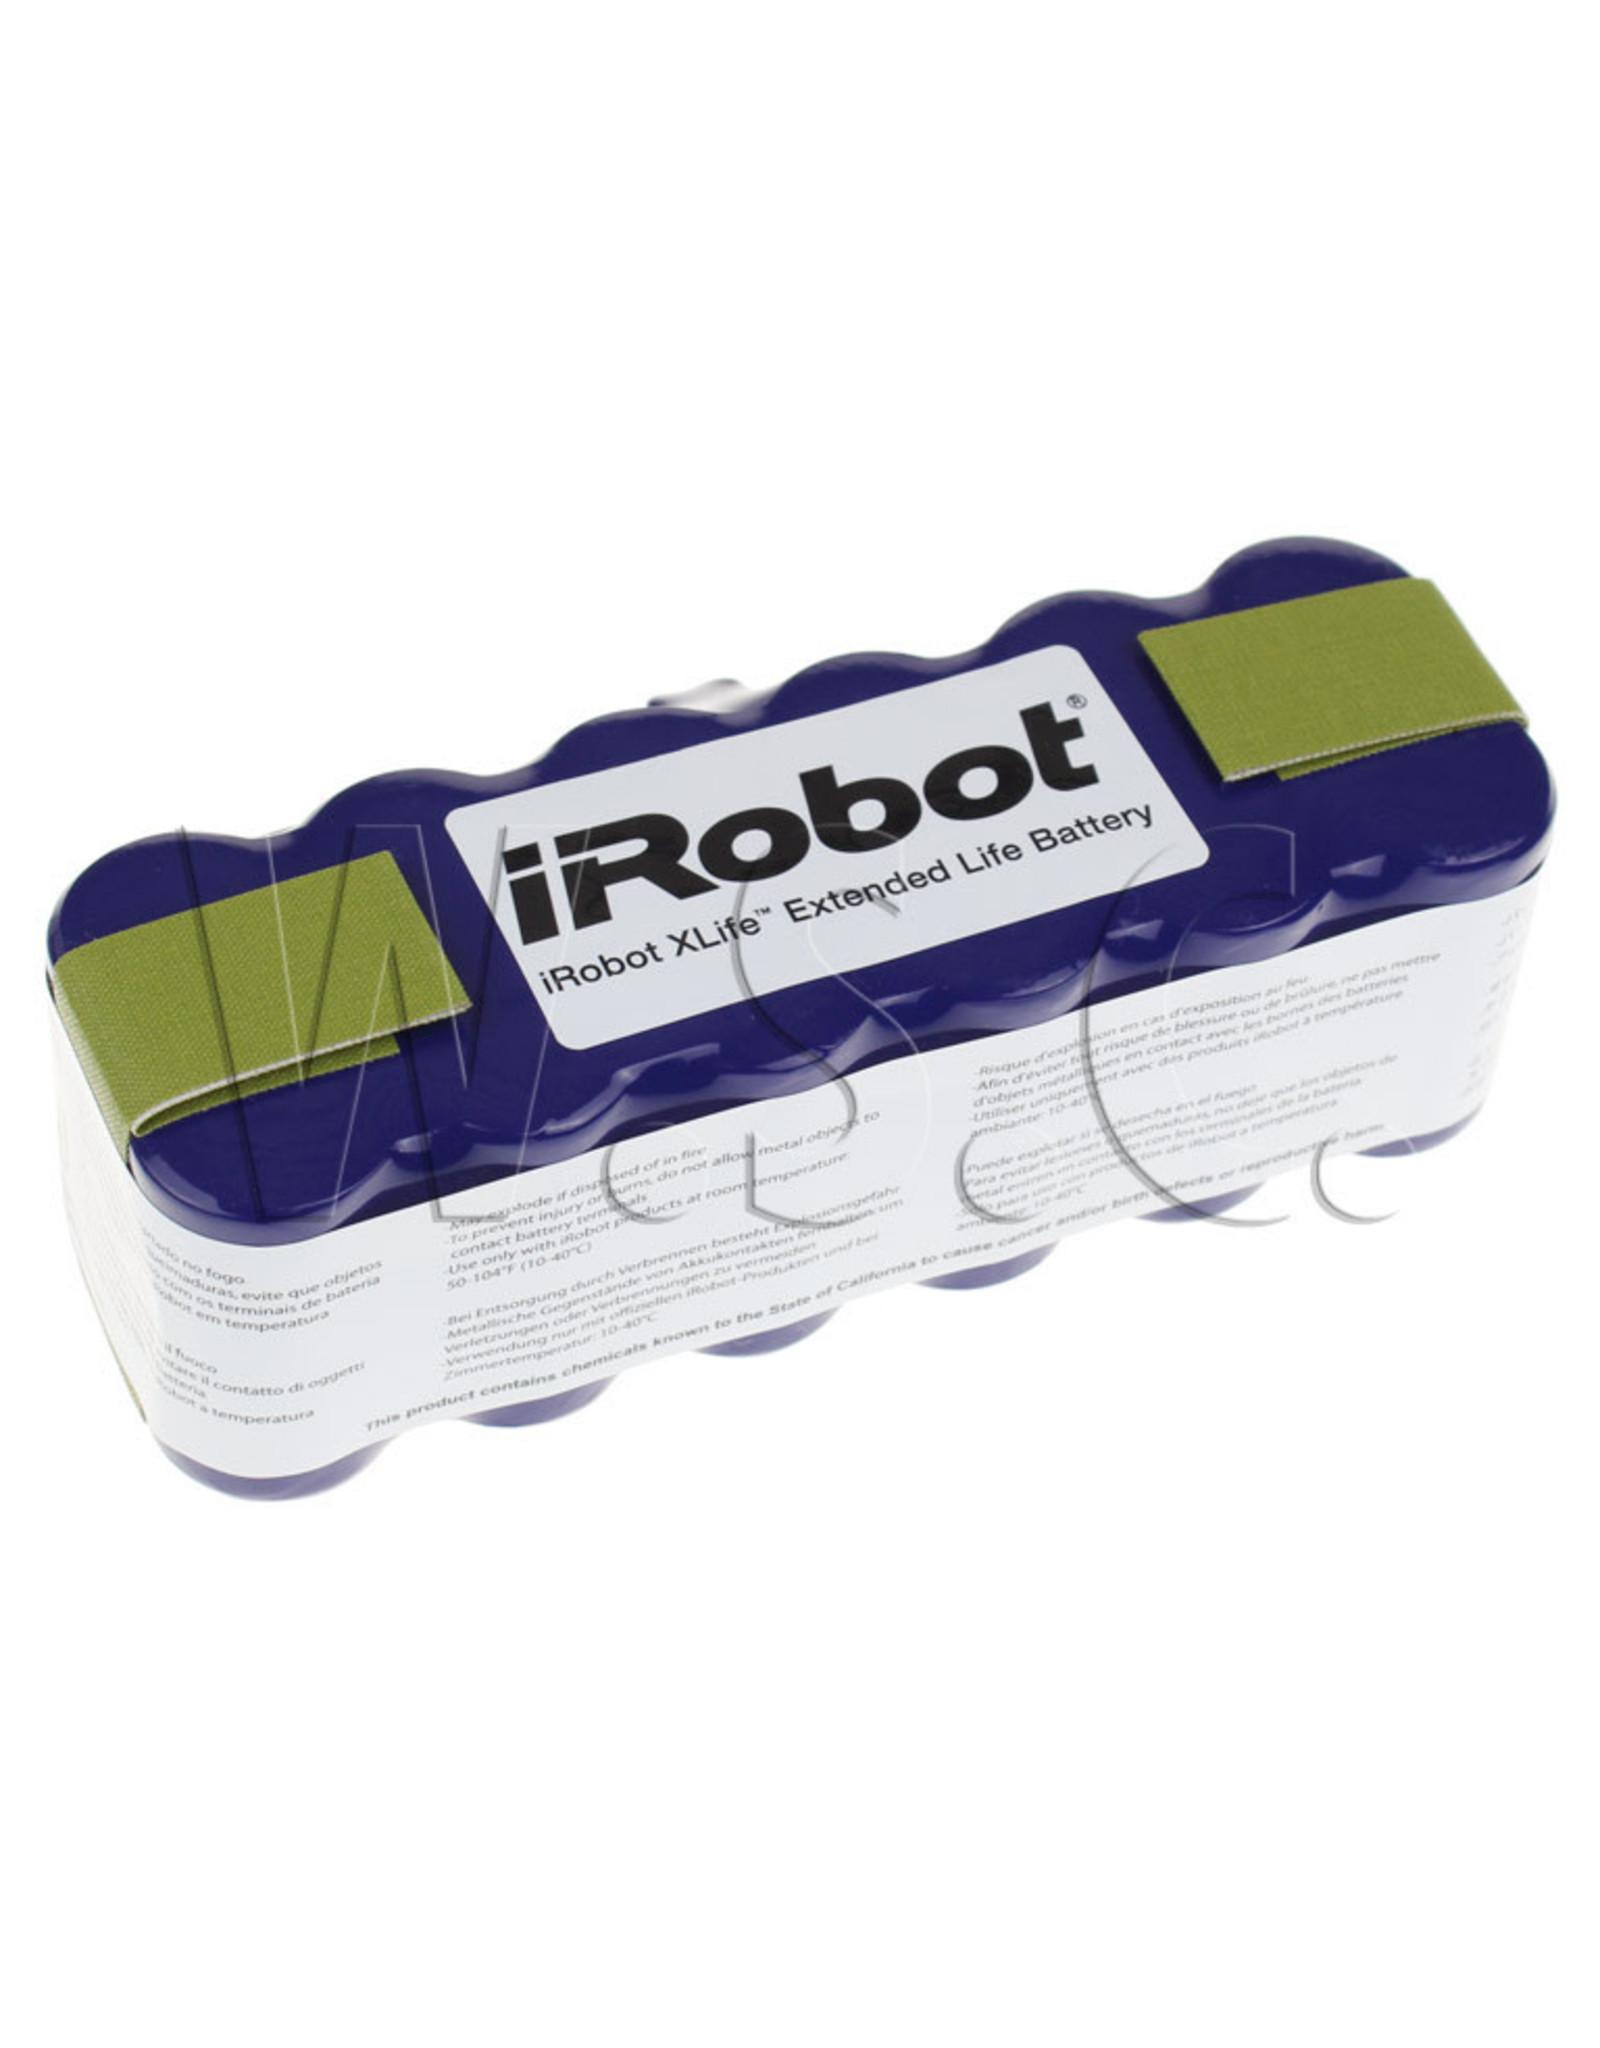 IRobot BATTERIJ IROBOT 600-700-800 SERIE (vroeger geel)